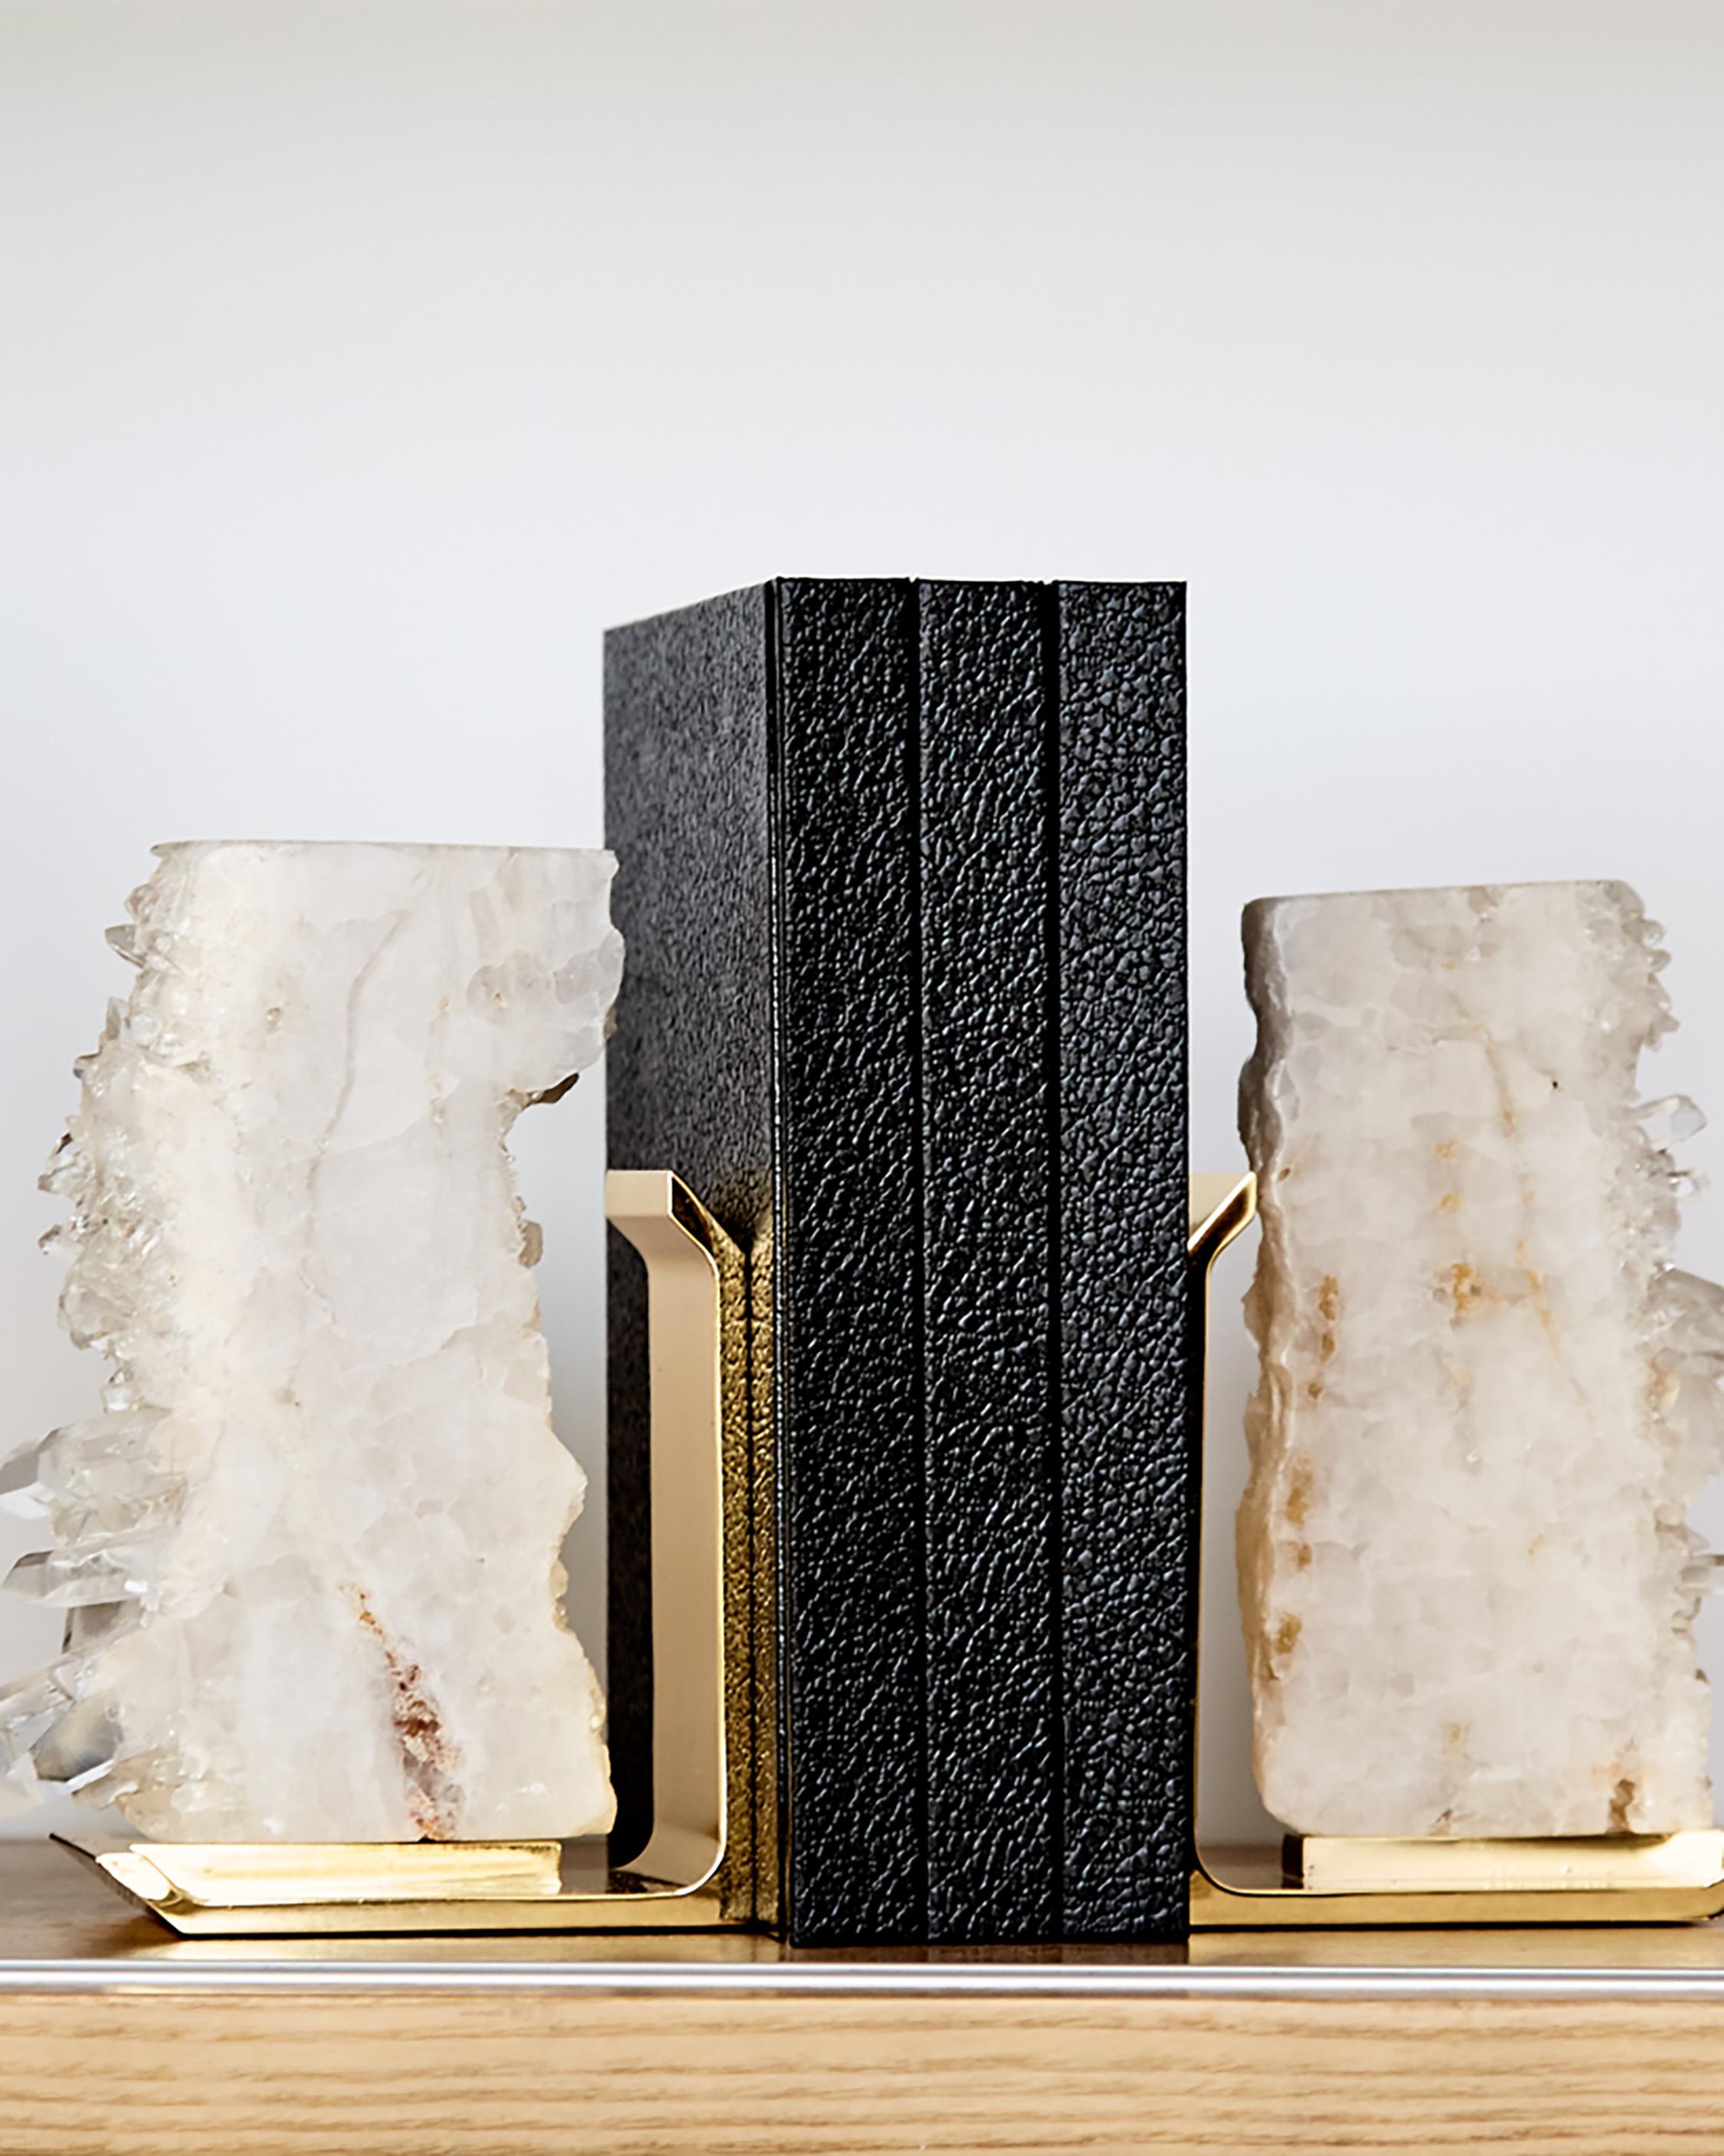 ANNA New York FIM Crystal Quartz Bookends 2